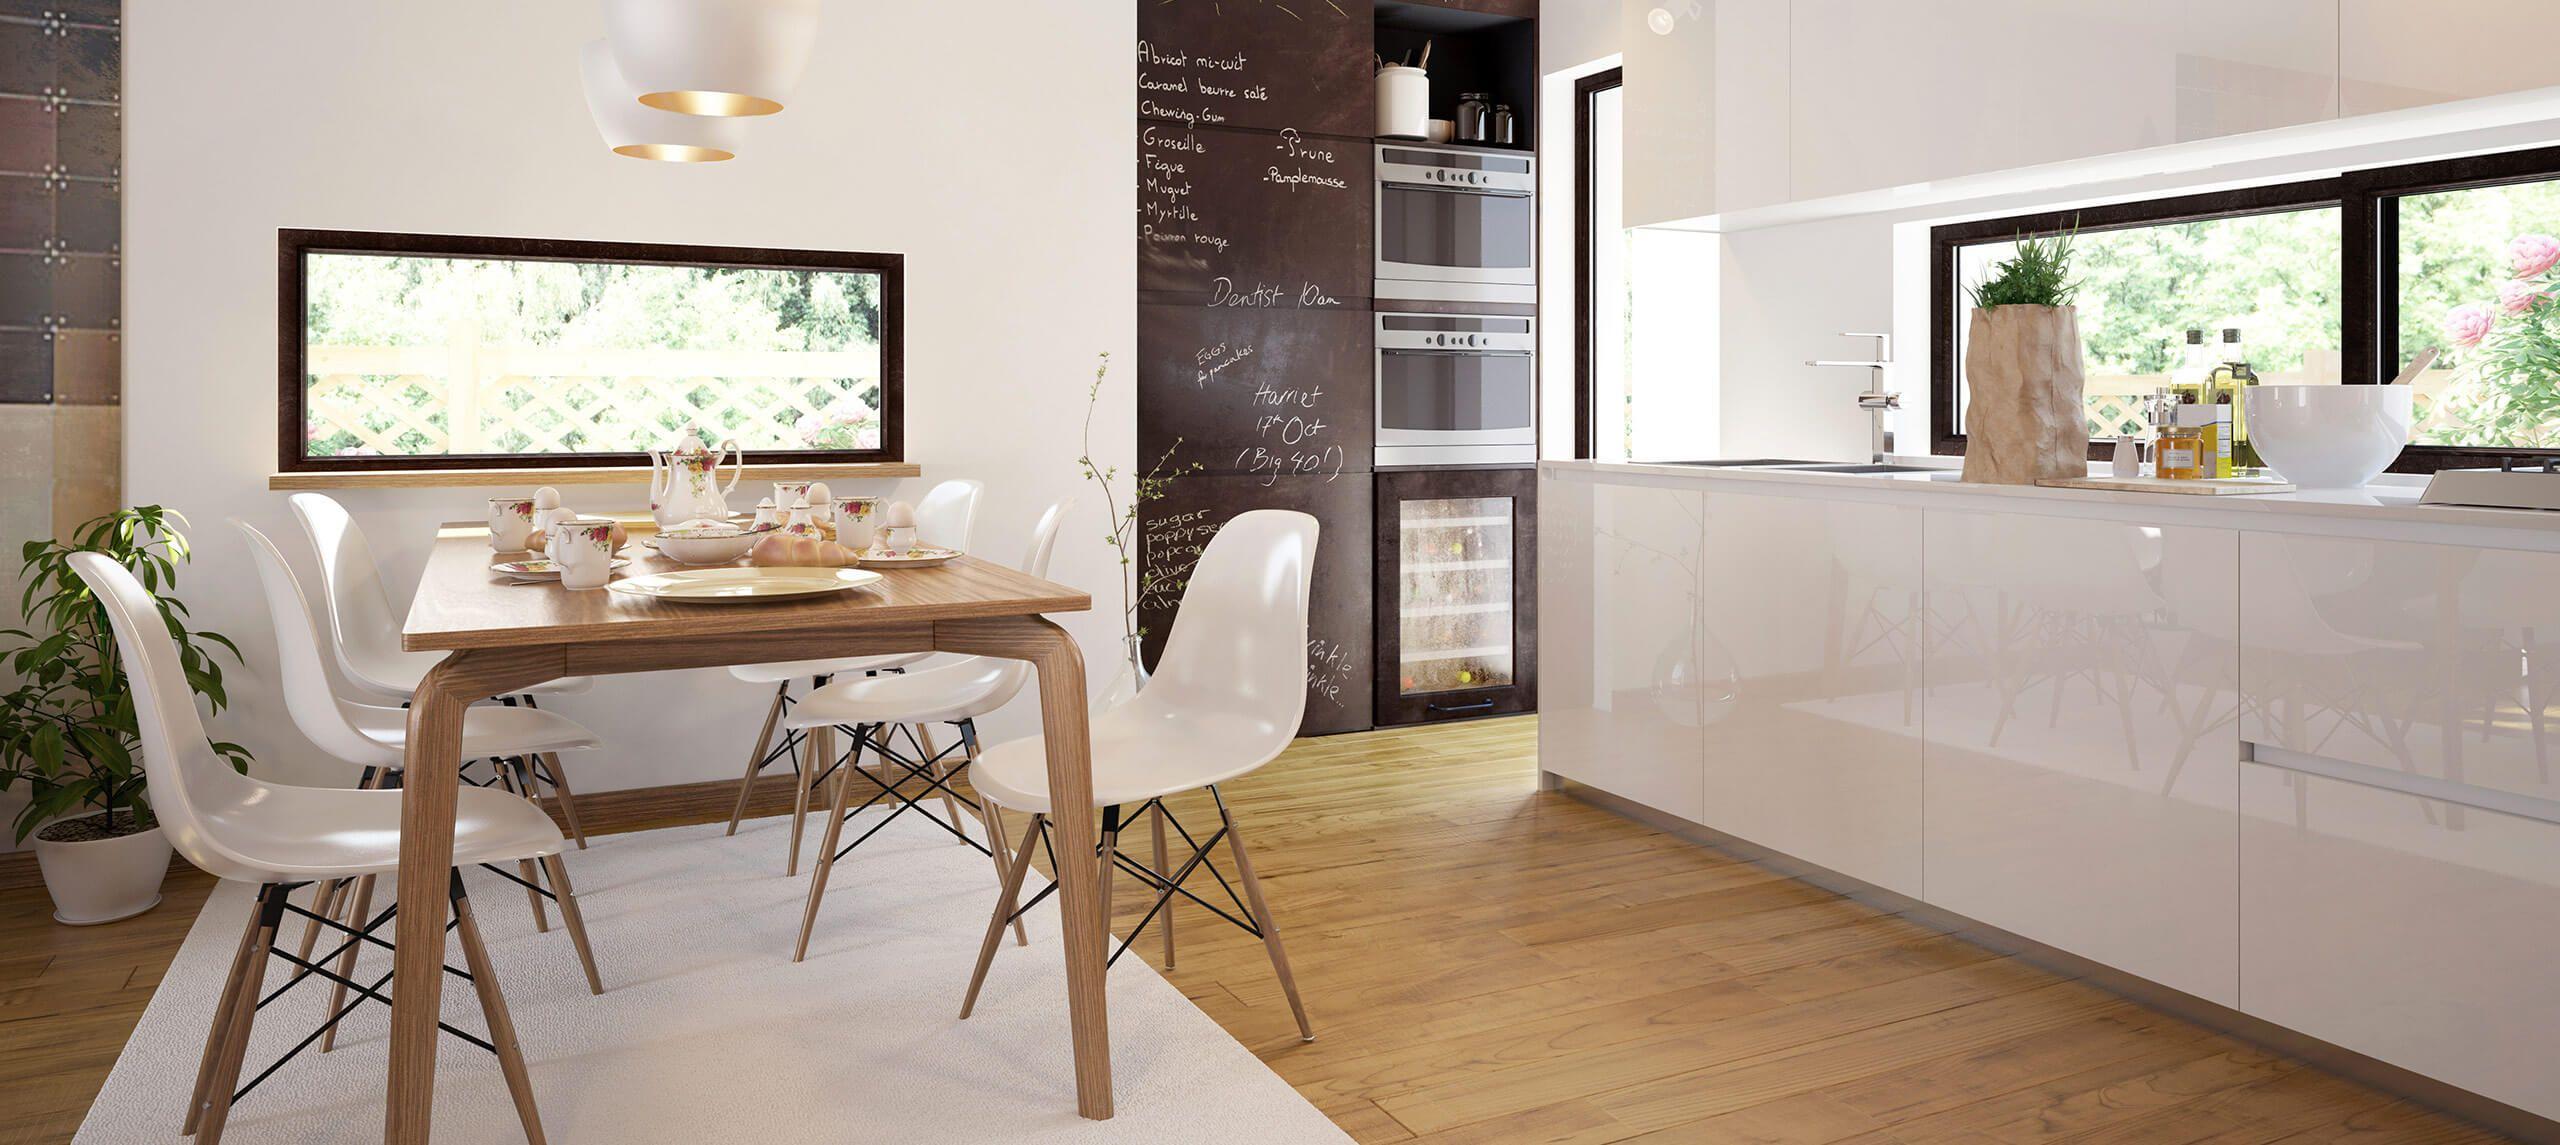 Grupo Coeco Tienda Cocinas Madrid Fabricantes De Cocinas